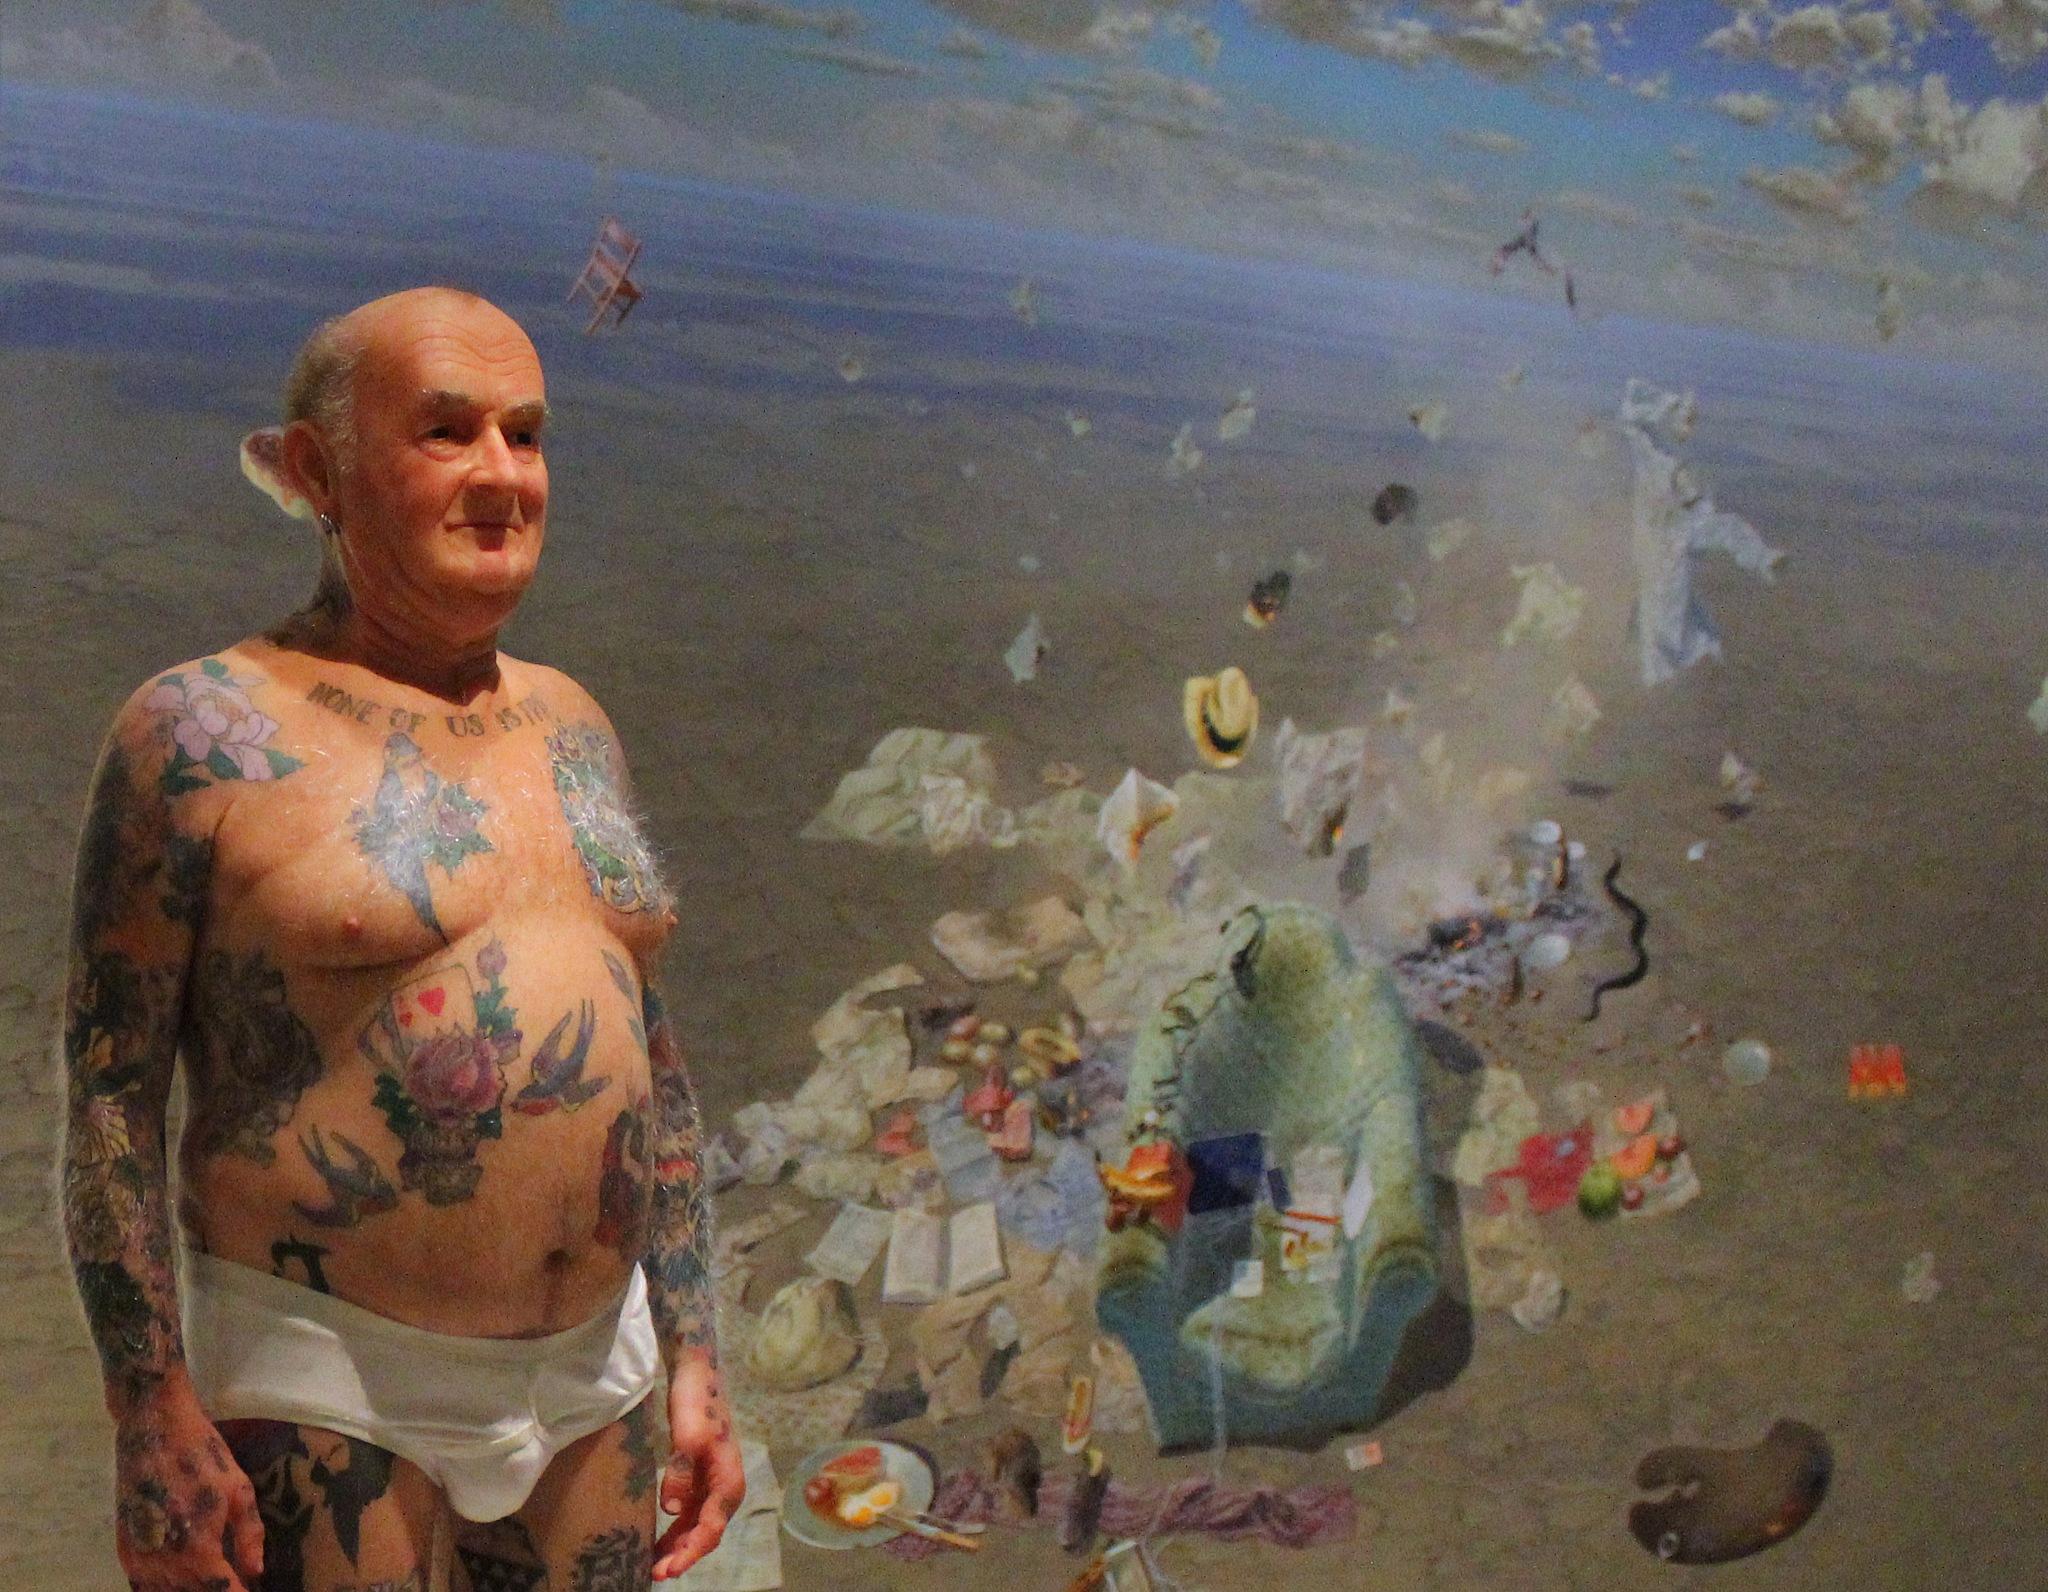 sydney art gallery by Trish Threlfall